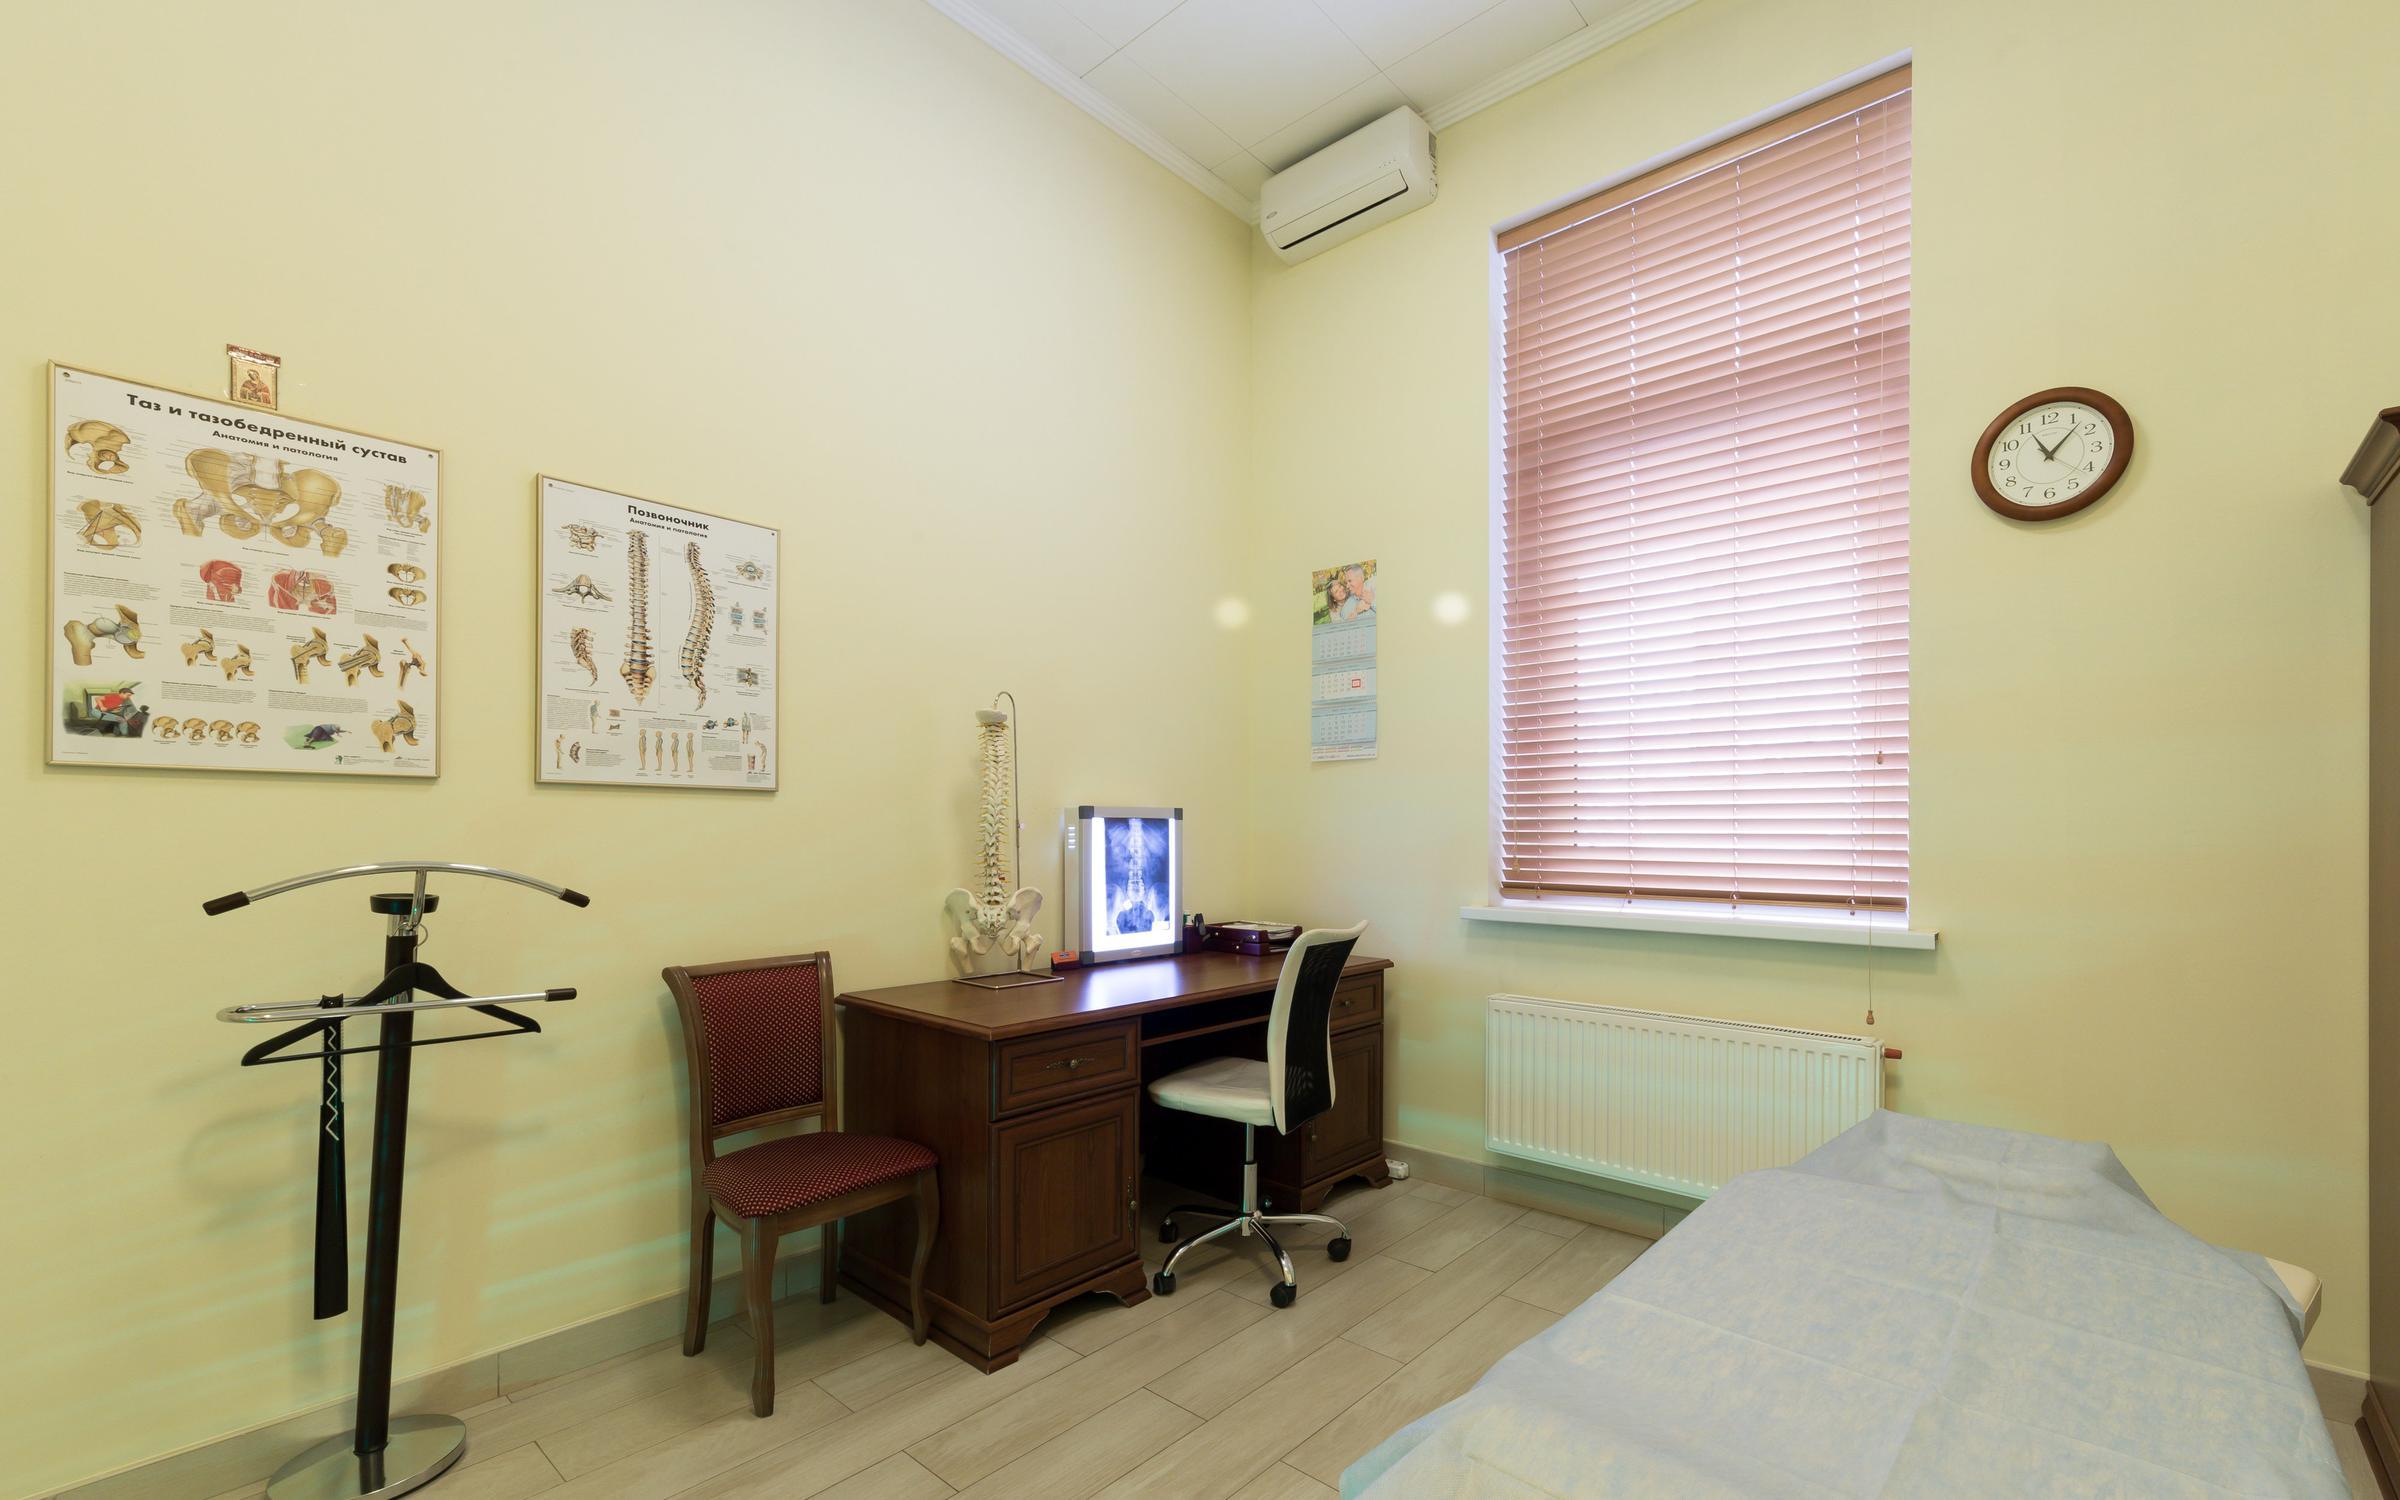 Отзывы о больнице модохб